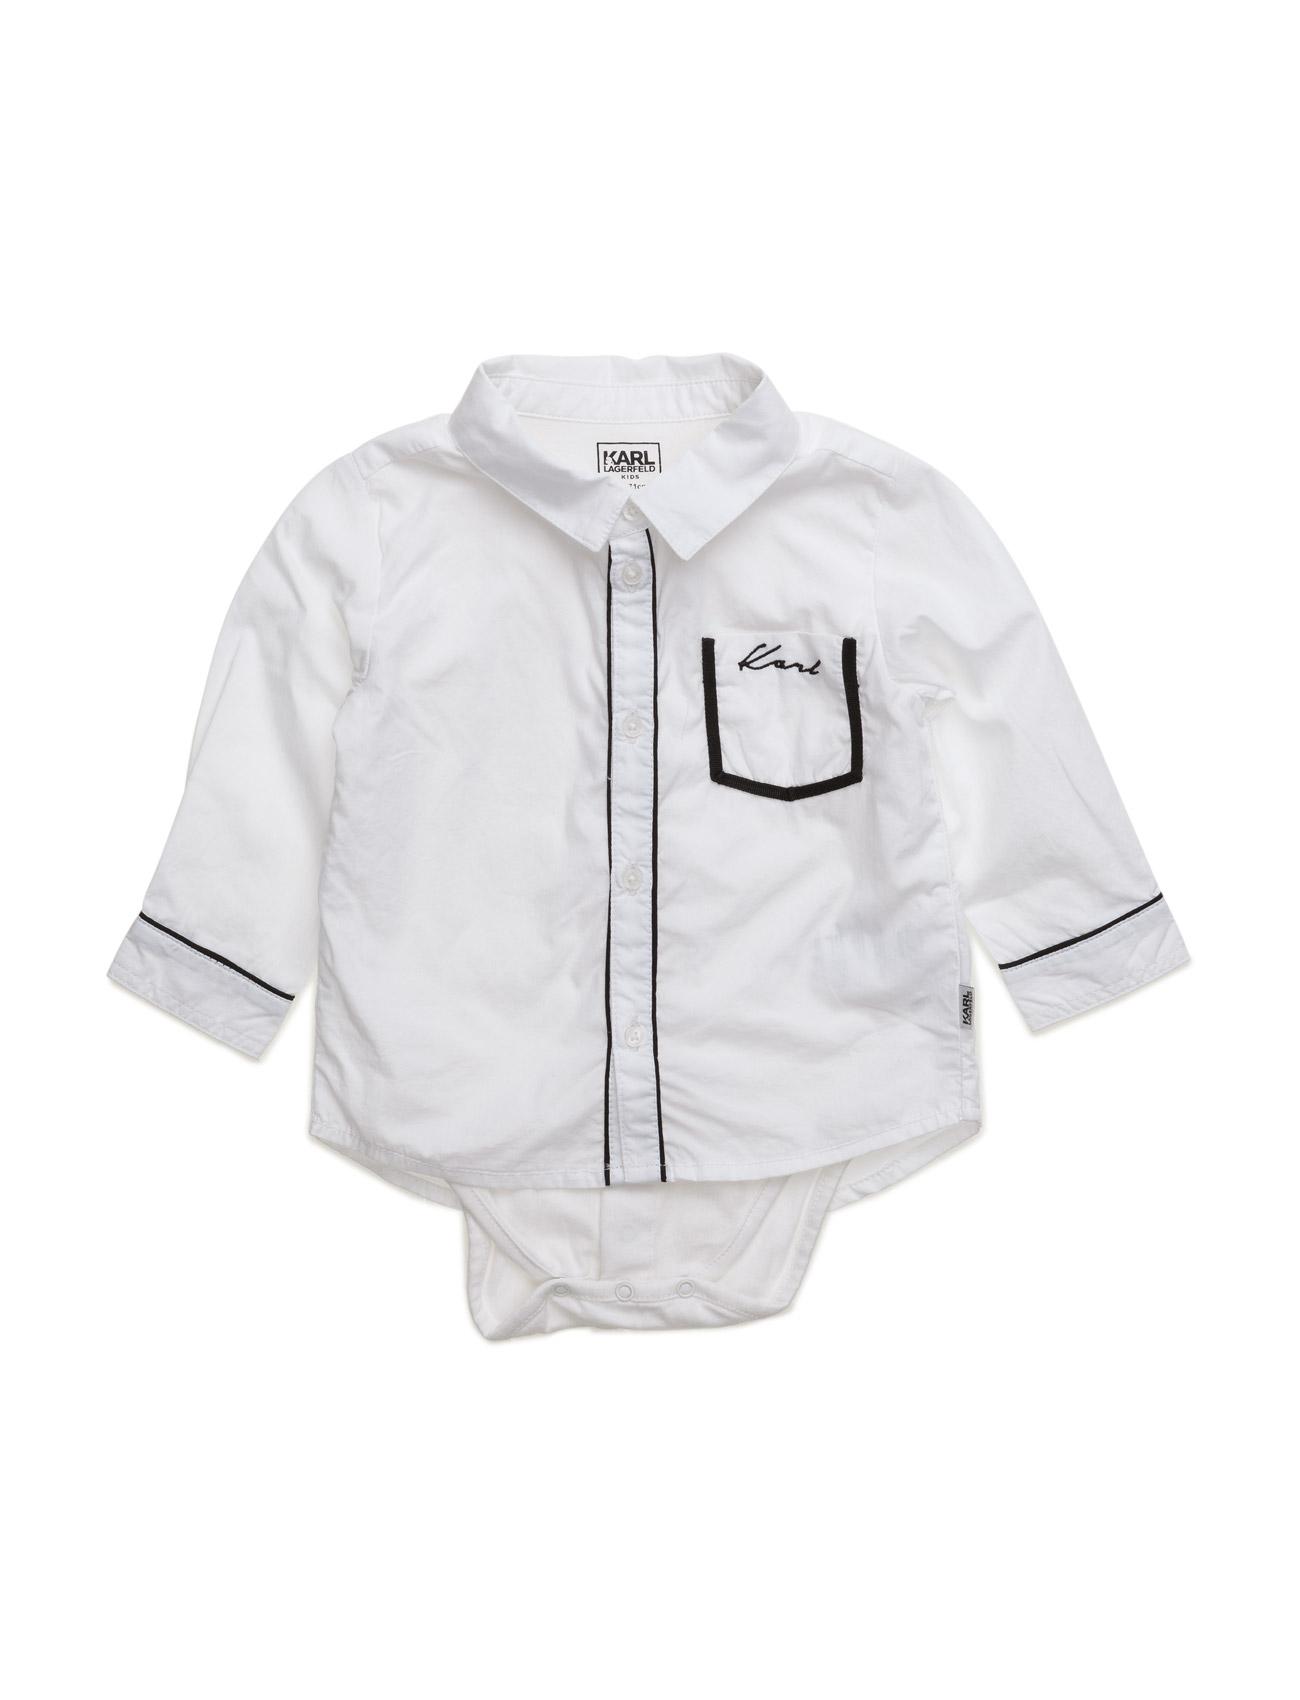 Body Karl Lagerfeld Trøjer til Børn i hvid